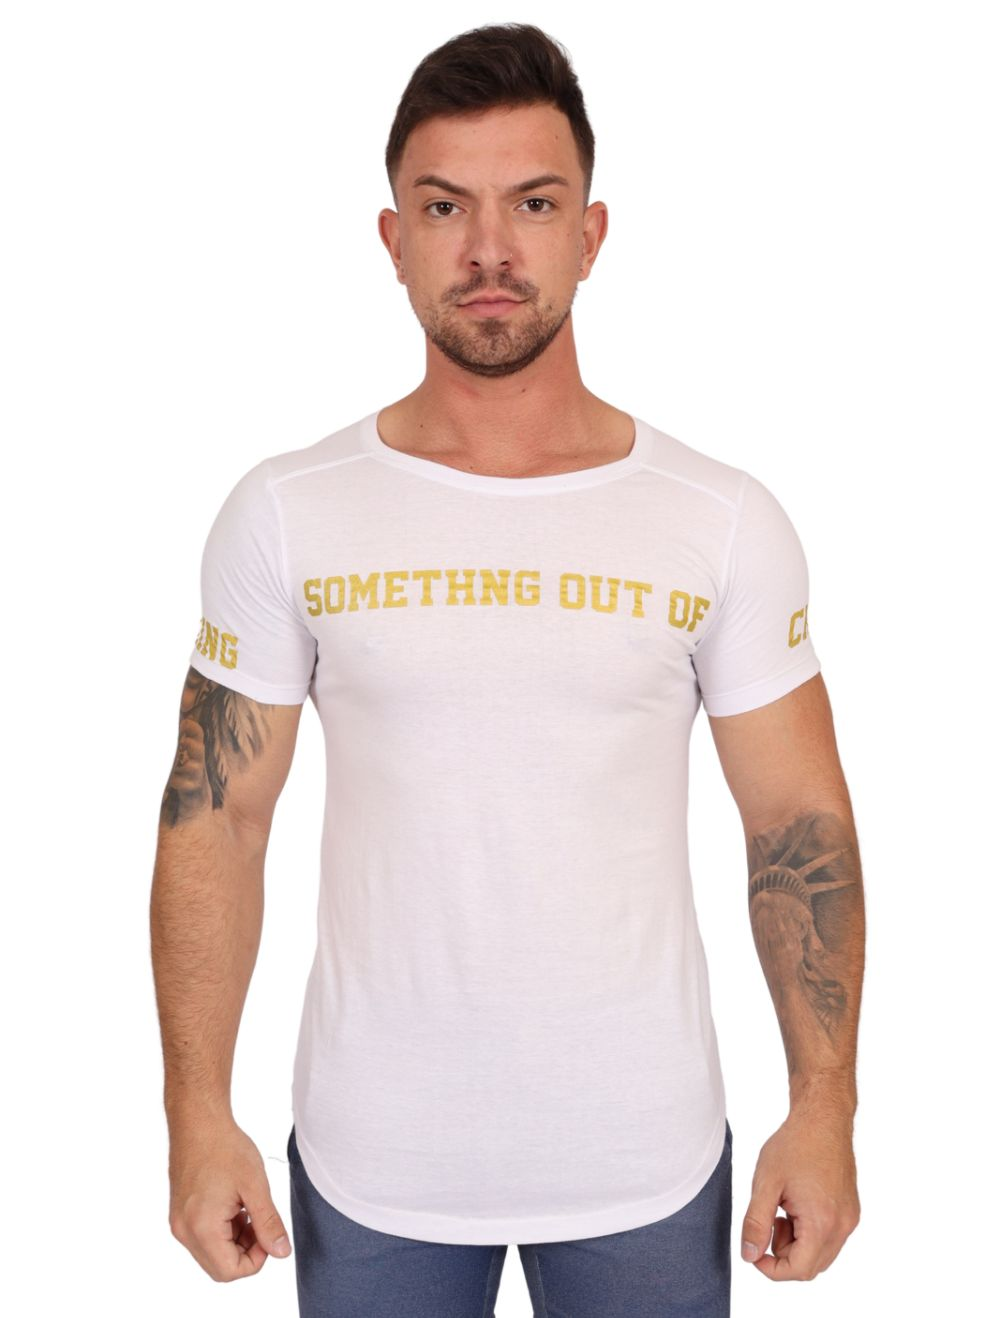 Camiseta Masculina Longline Branca Something